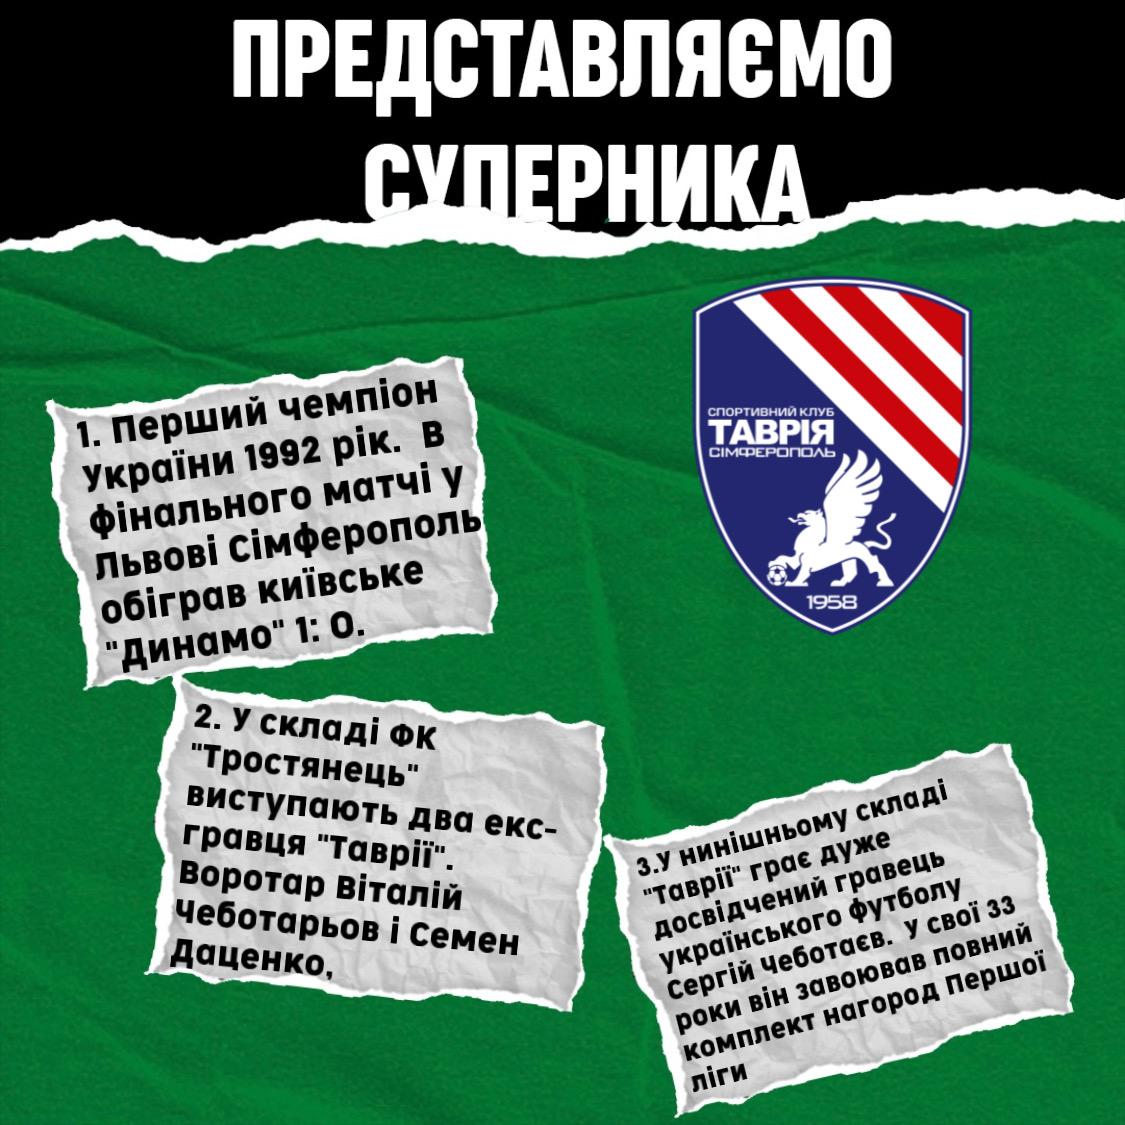 """Представляємо суперника ФК """"Таврія"""""""